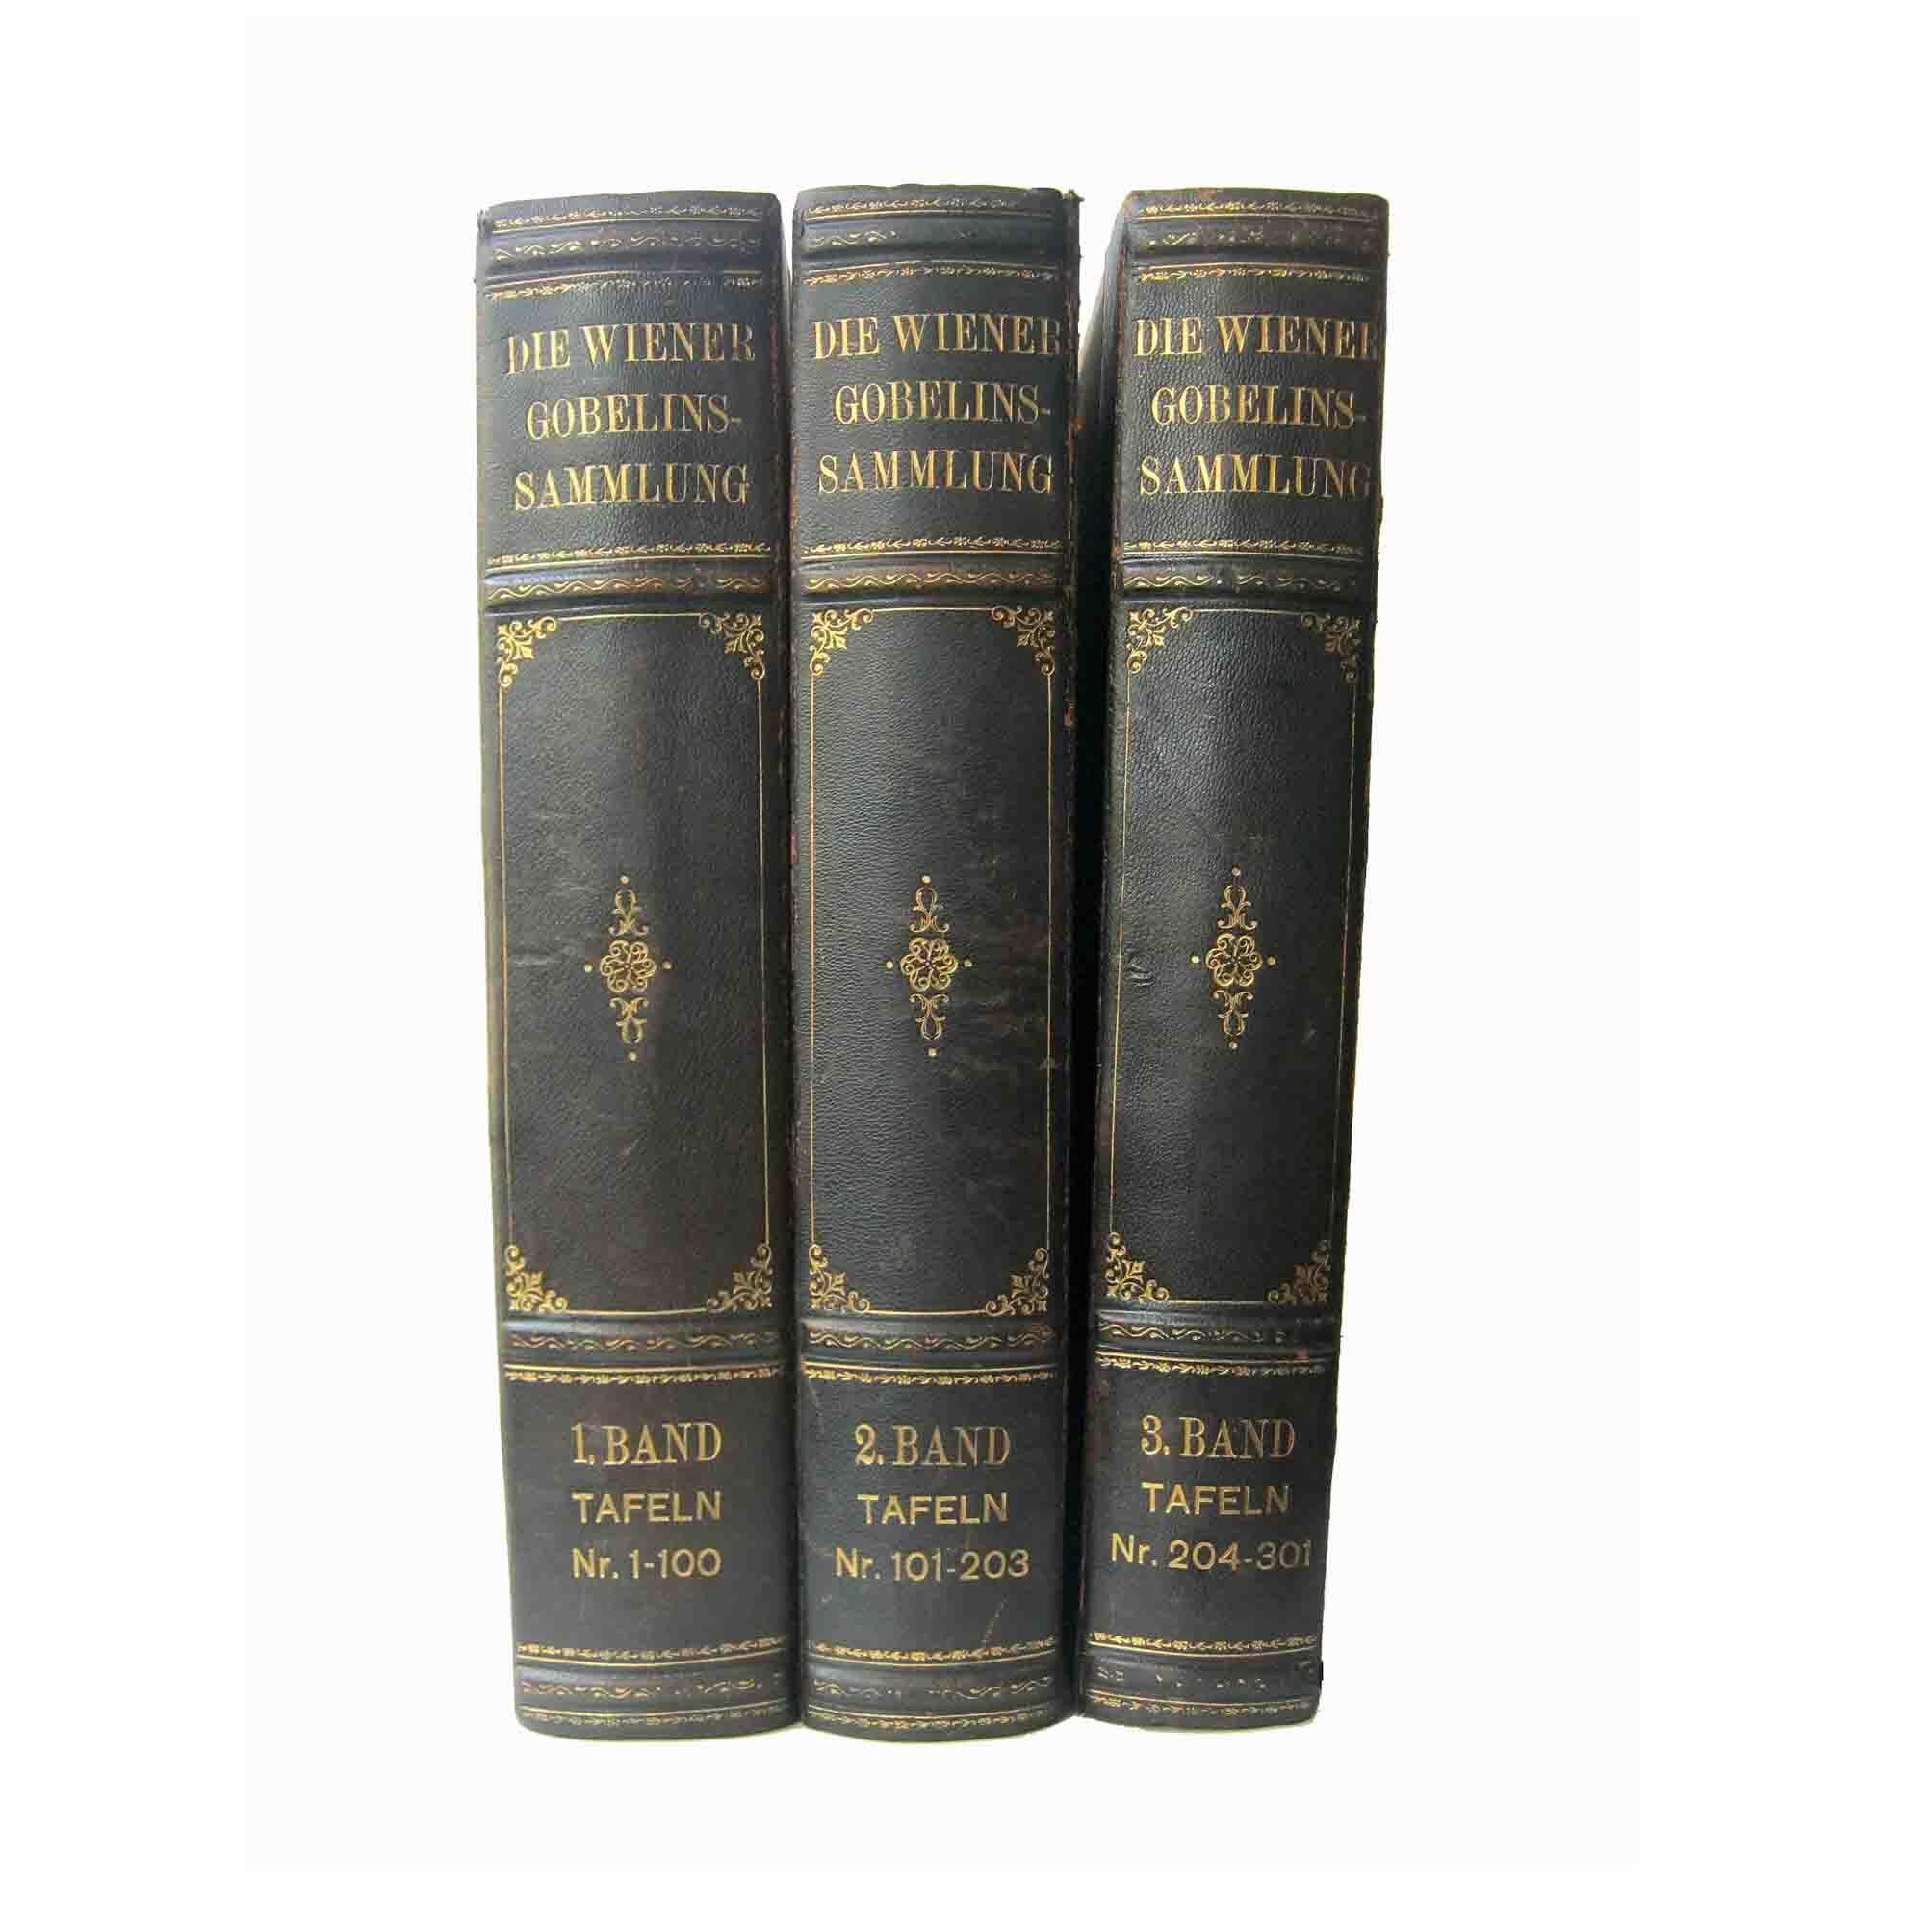 5696 Baldass Wiener Gobelins 1920 Covers free N